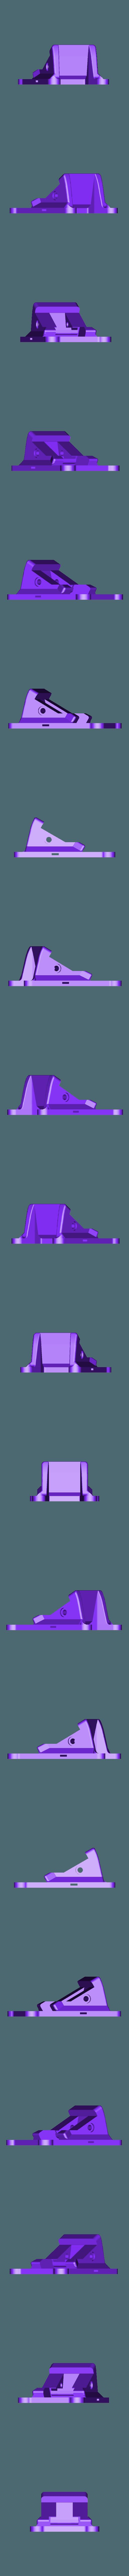 Base MDC2.stl Télécharger fichier STL gratuit ALIEN 5 SOFT MOUNT MADCASE CLIP DE SESSION (FR) • Plan pour imprimante 3D, Rhizamax